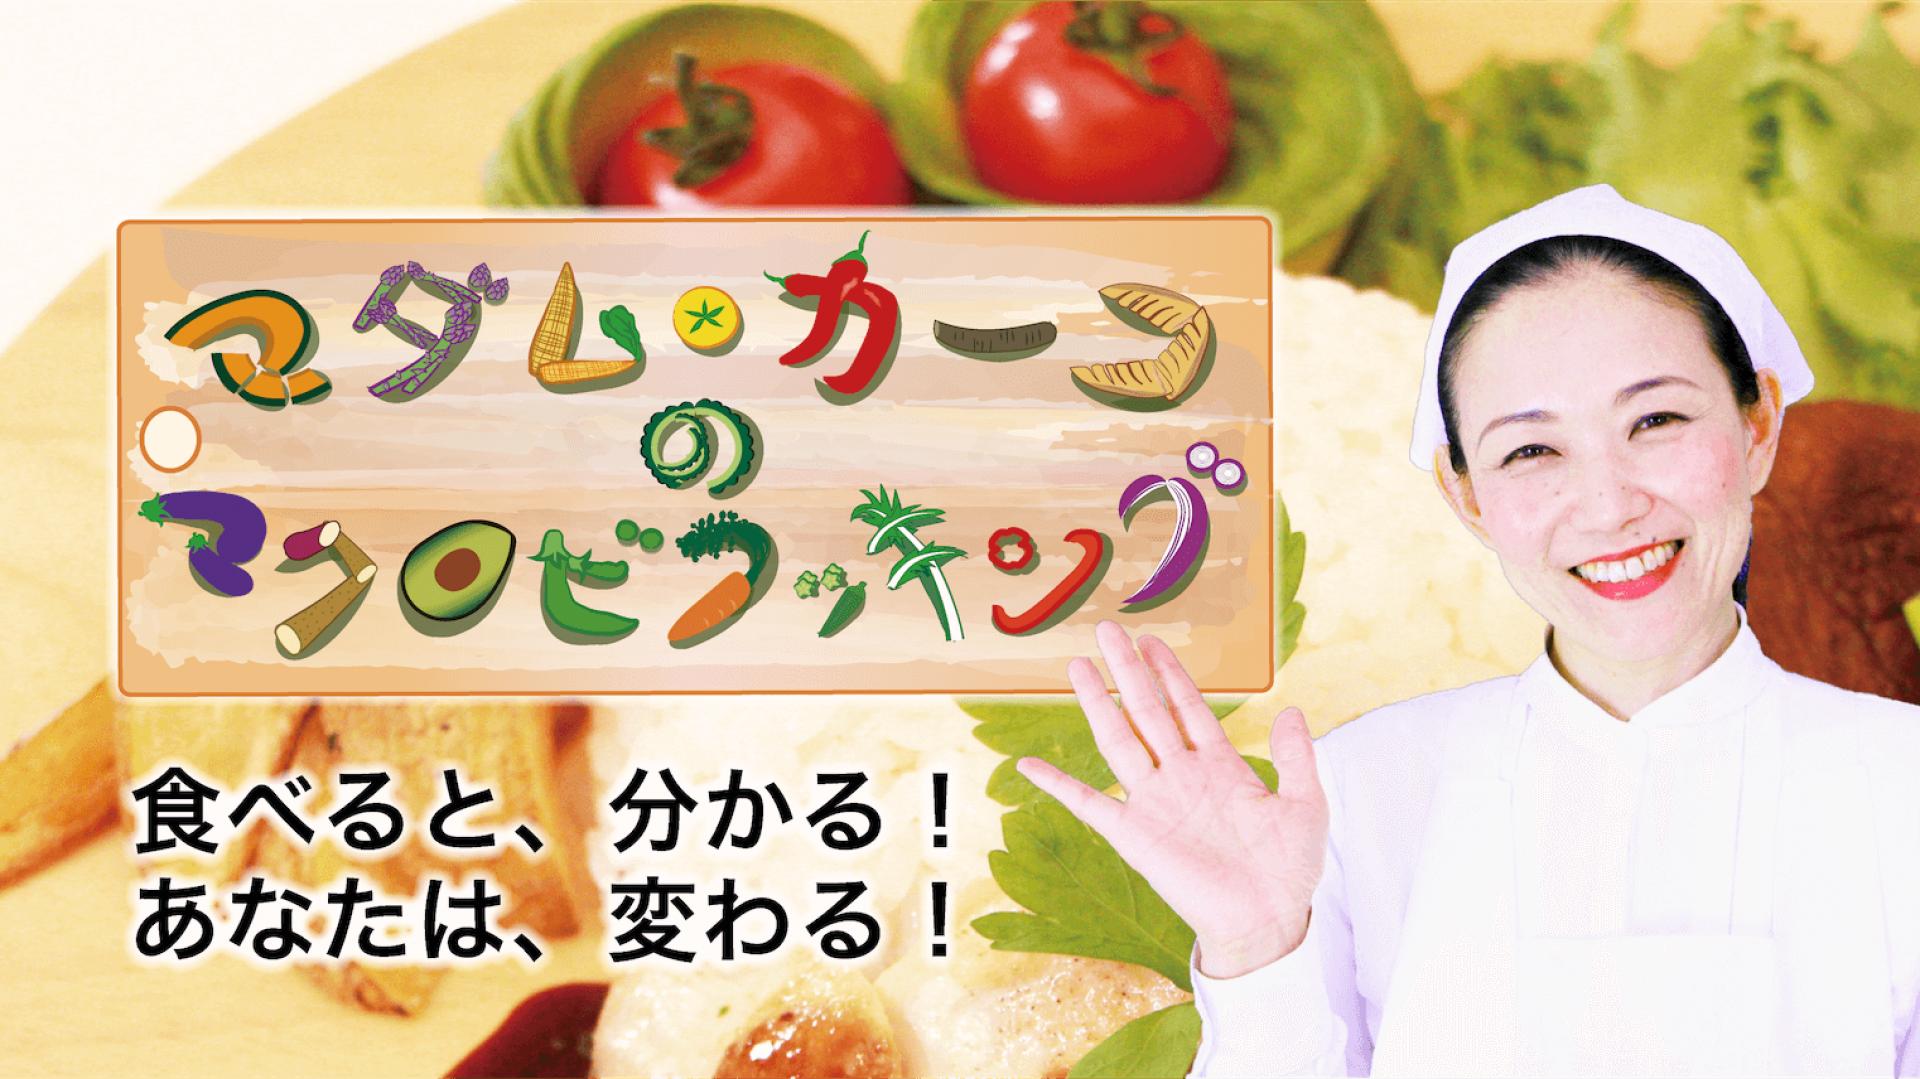 マダム・カーコのマクロビ料理サロン